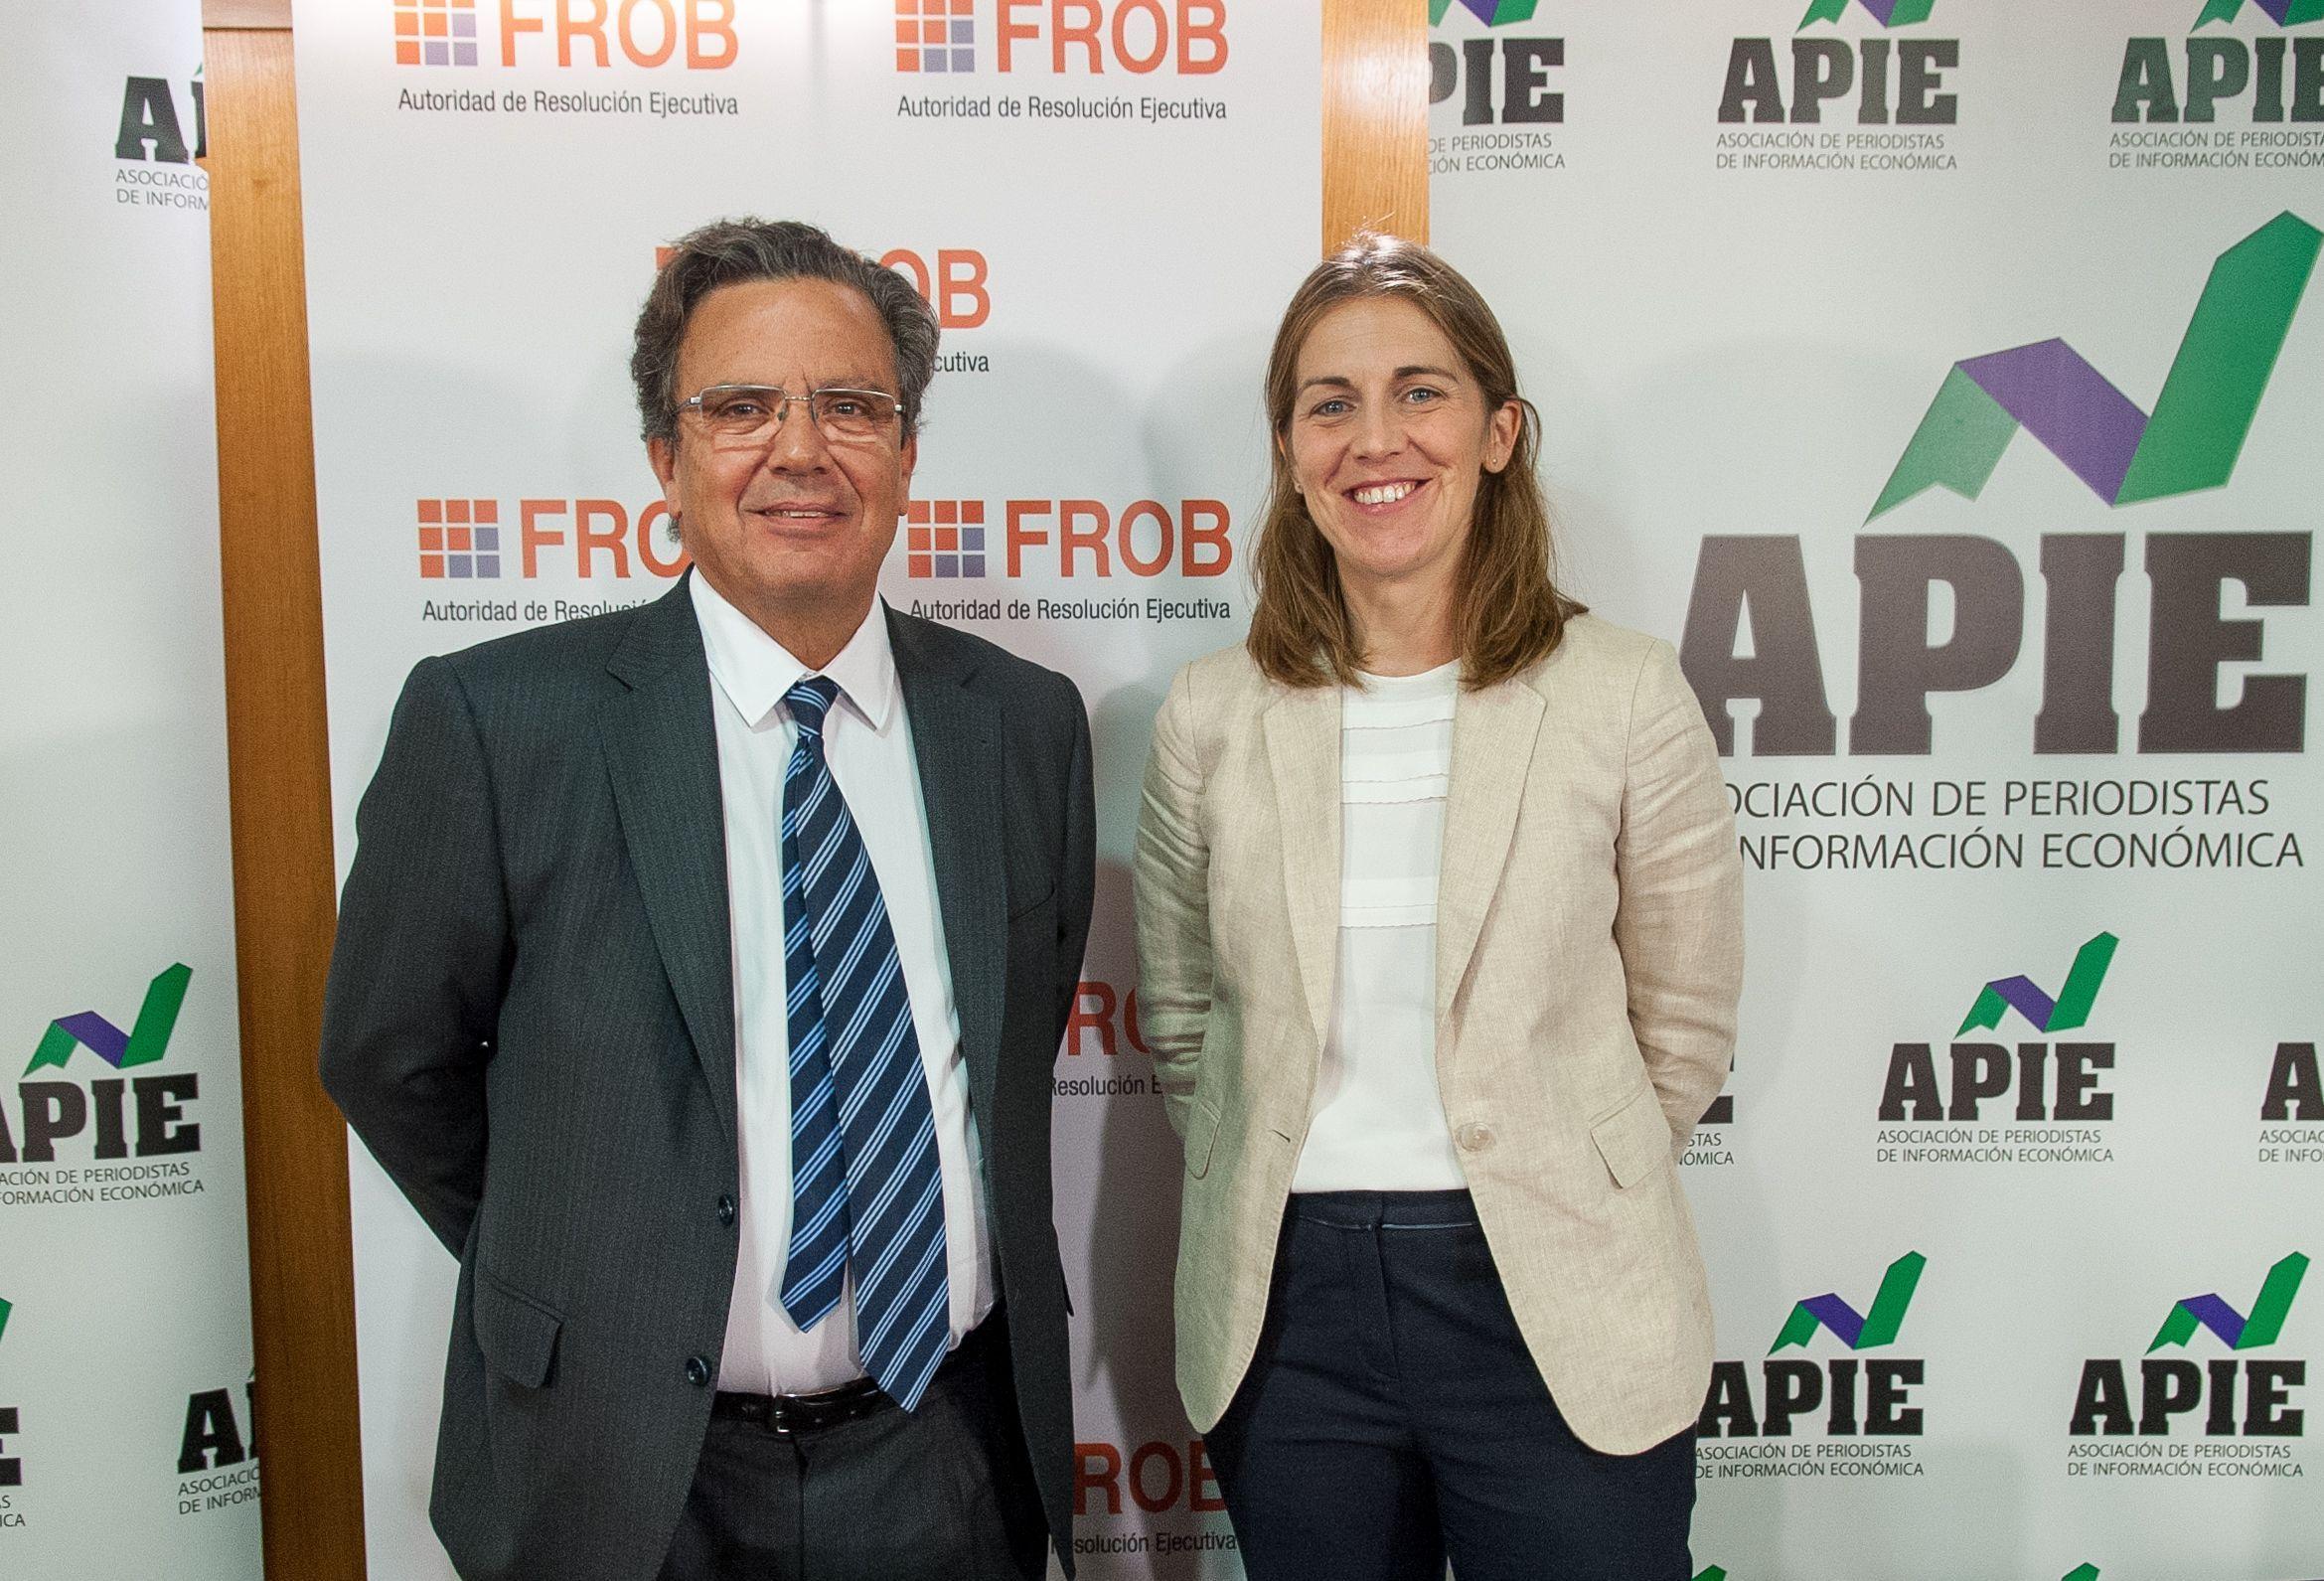 Javier Torres Riesco y Paula Conthe, Director de Resolución y Estrategia y Jefa del Departamento de Policy del FROB, durante la jornada formativa sobre resolución bancaria organizada conjuntamente con APIE.